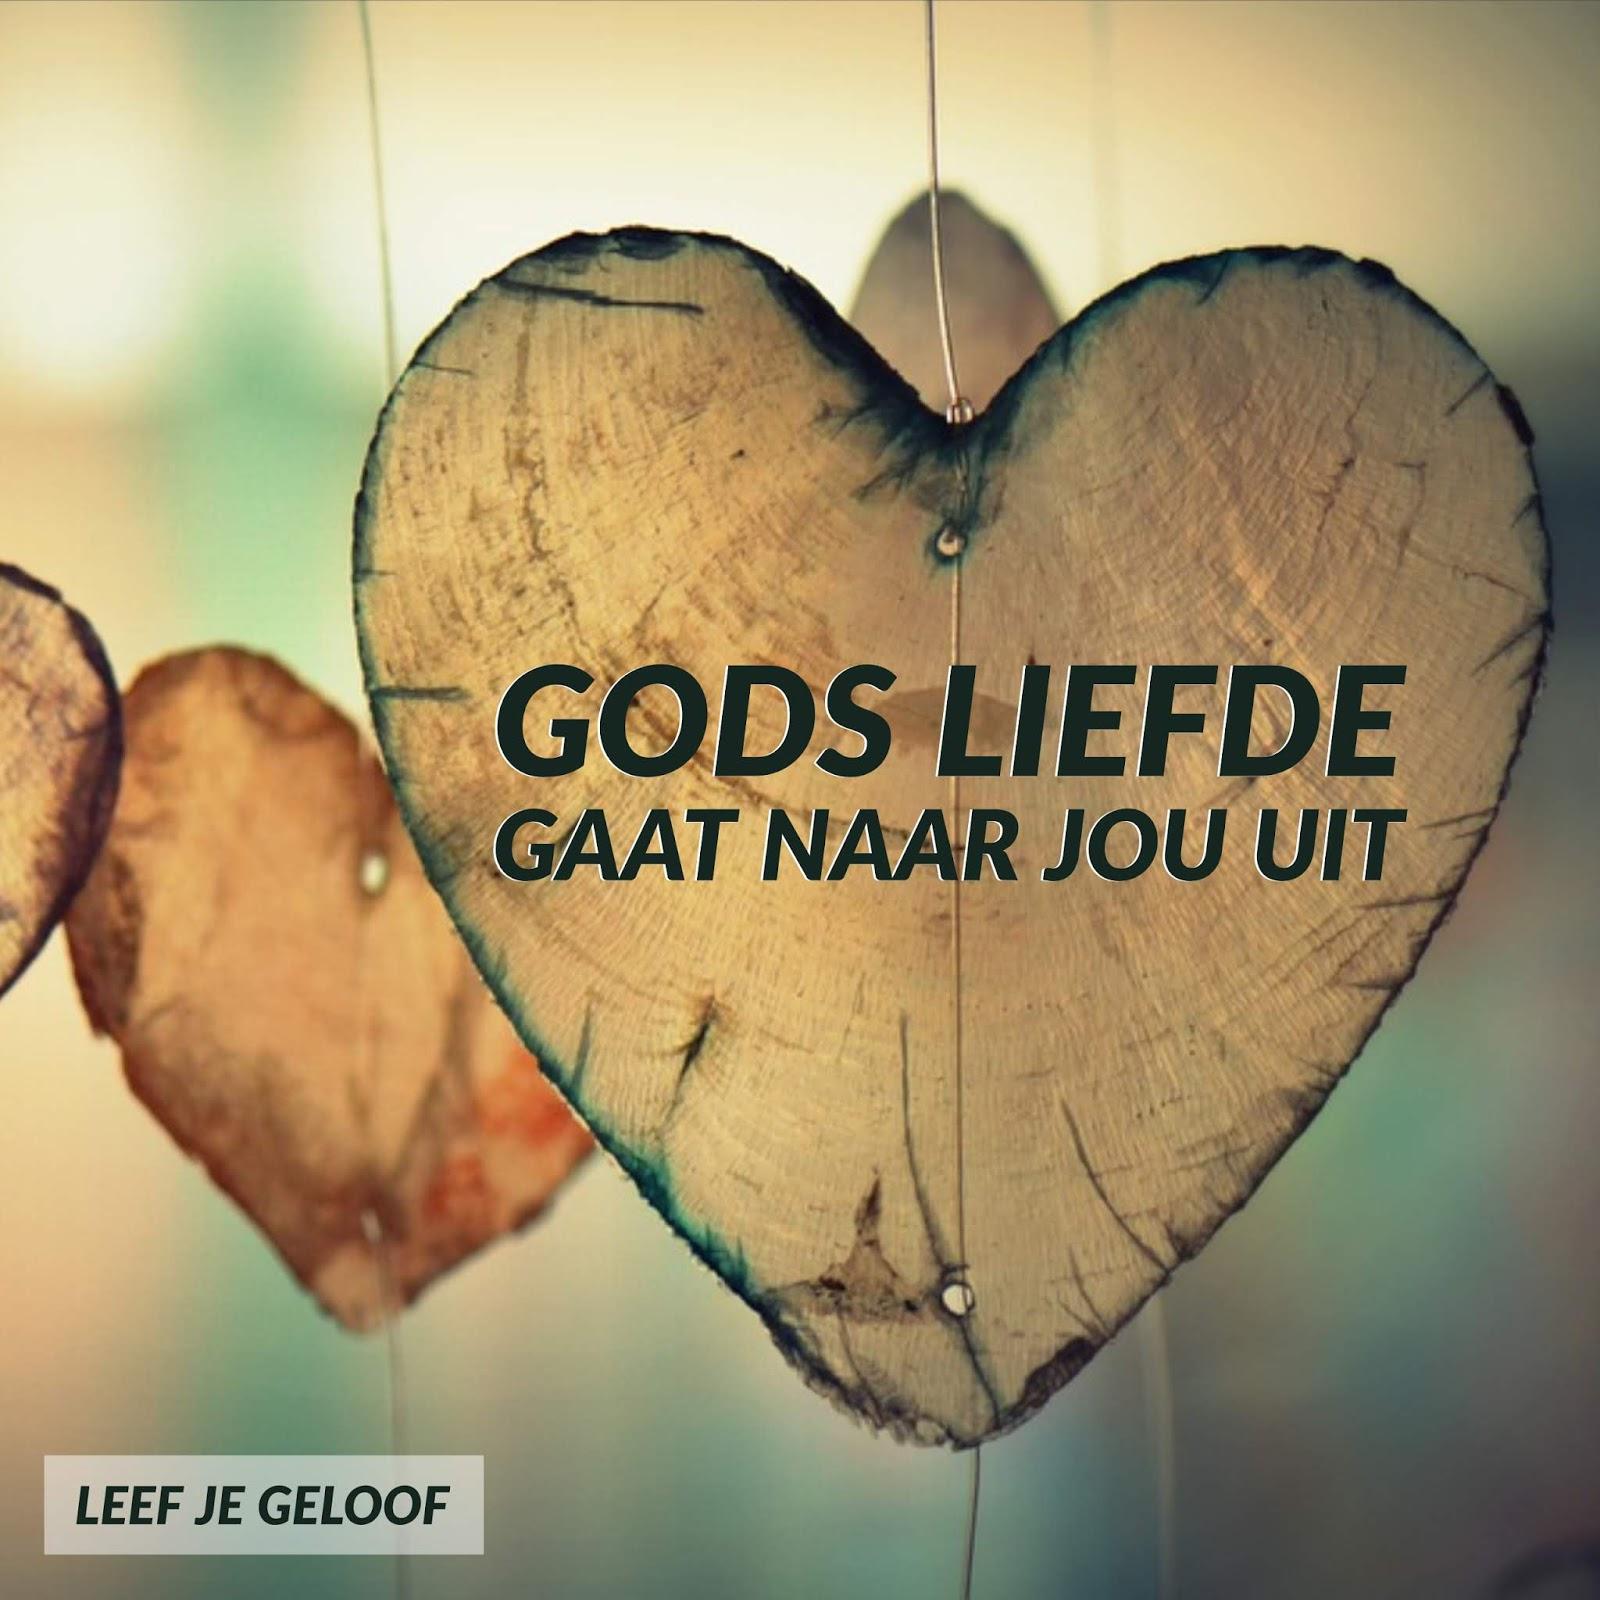 Afbeeldingsresultaat voor gods liefde voor jou